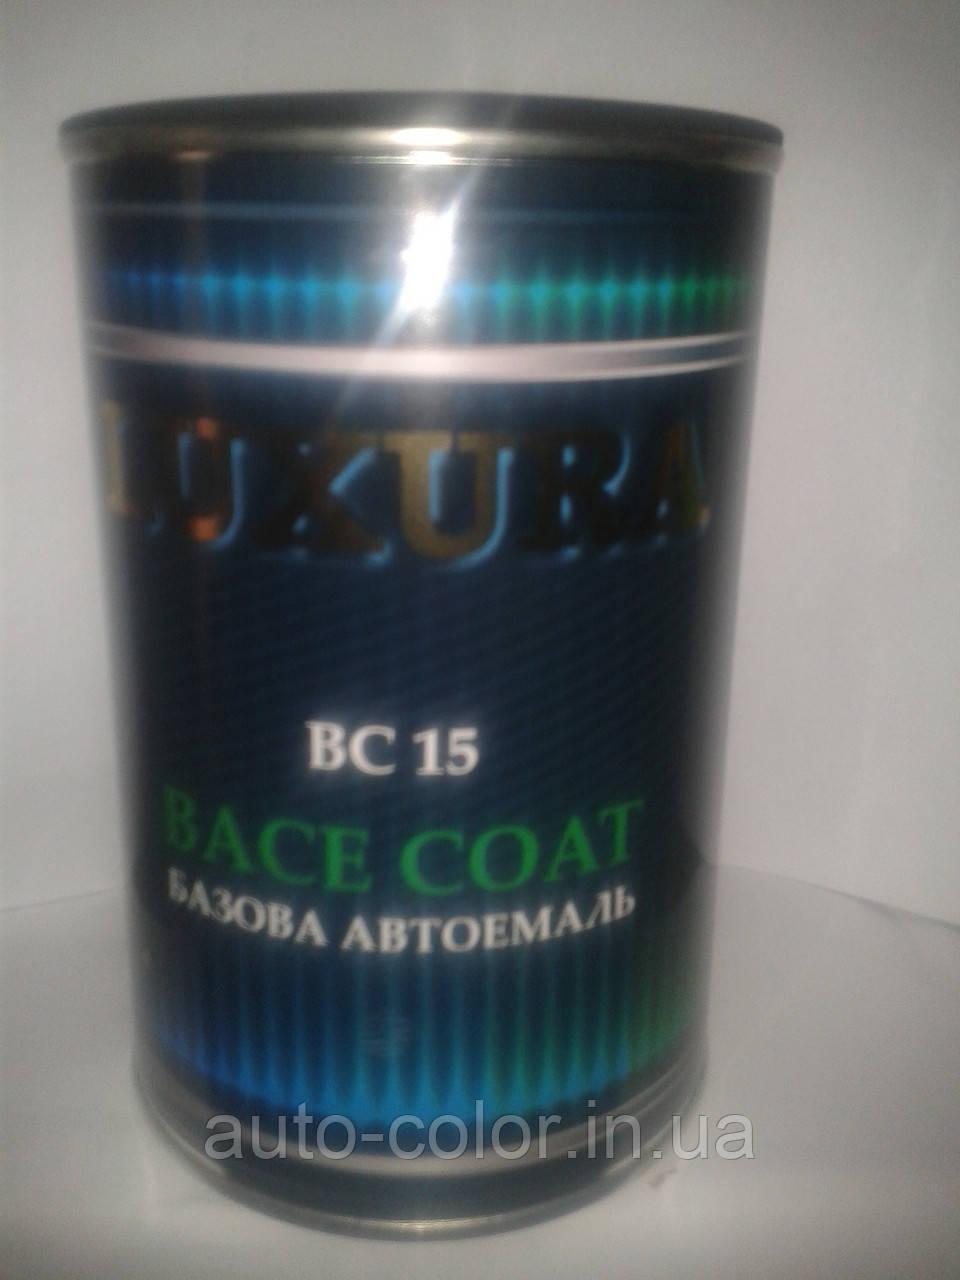 206 Тала вода Базова автоемаль Luxura 1 л